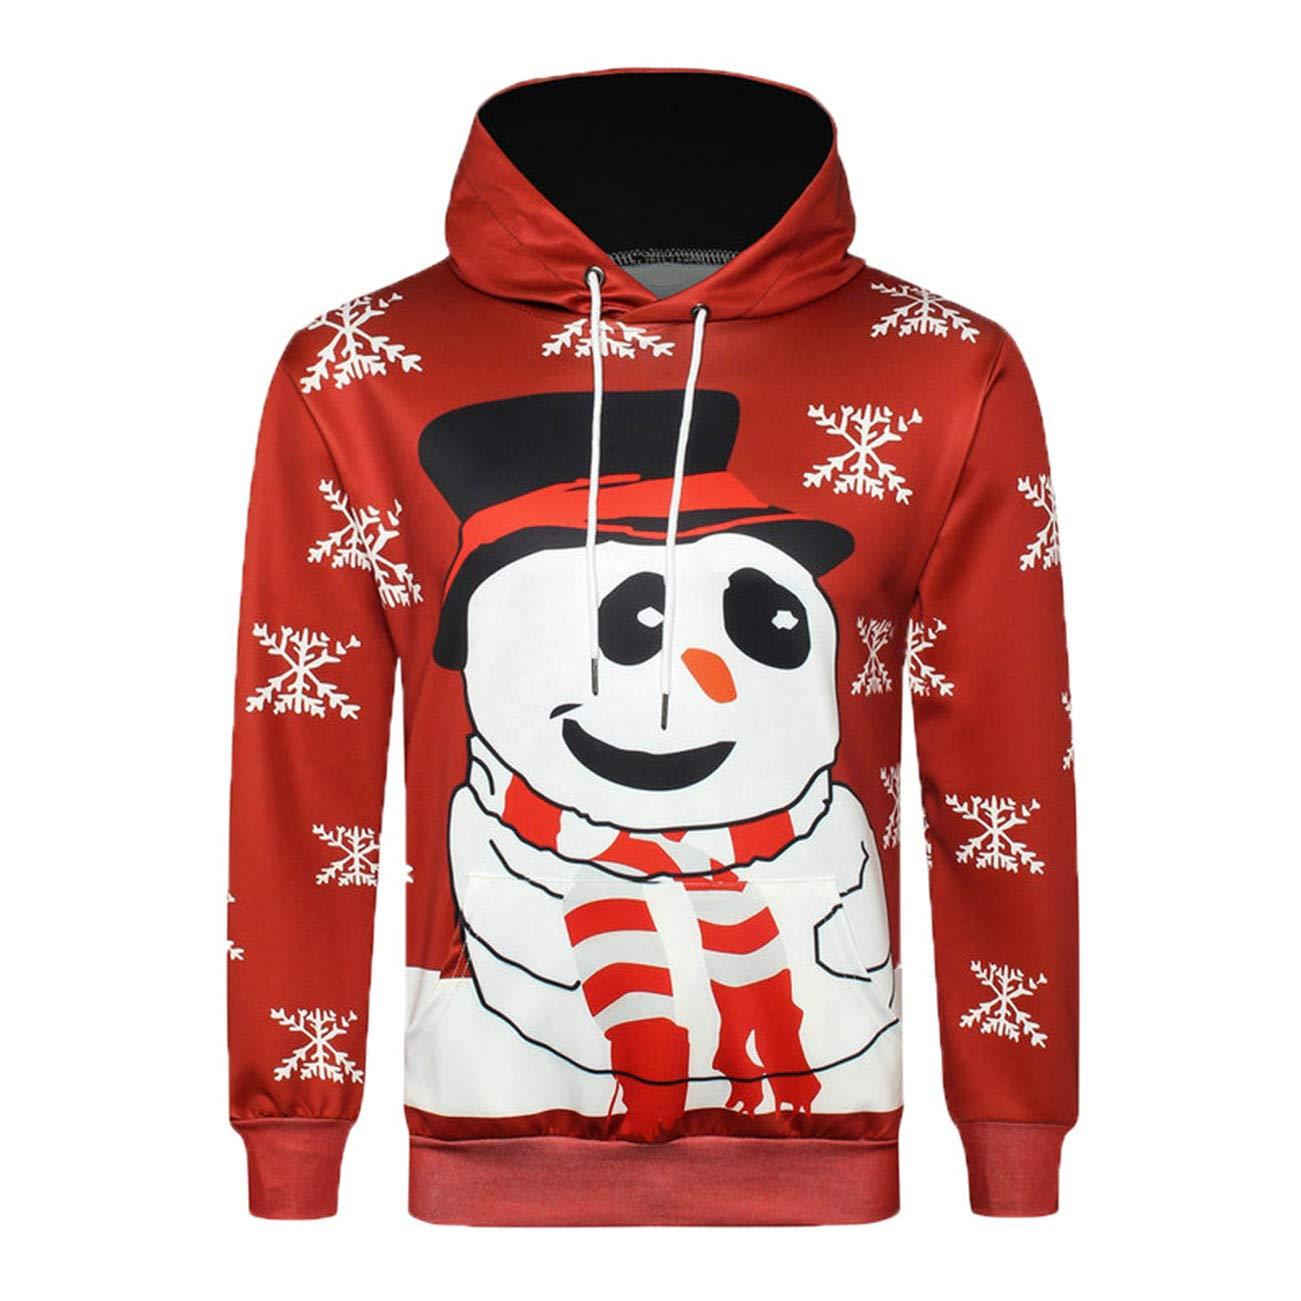 Sweatshirt Homme Coat for Men Automne Hiver Noë L 3D Impression Manches Longues Hommes Capuche Top Sweatershirt HCFKJ-Js